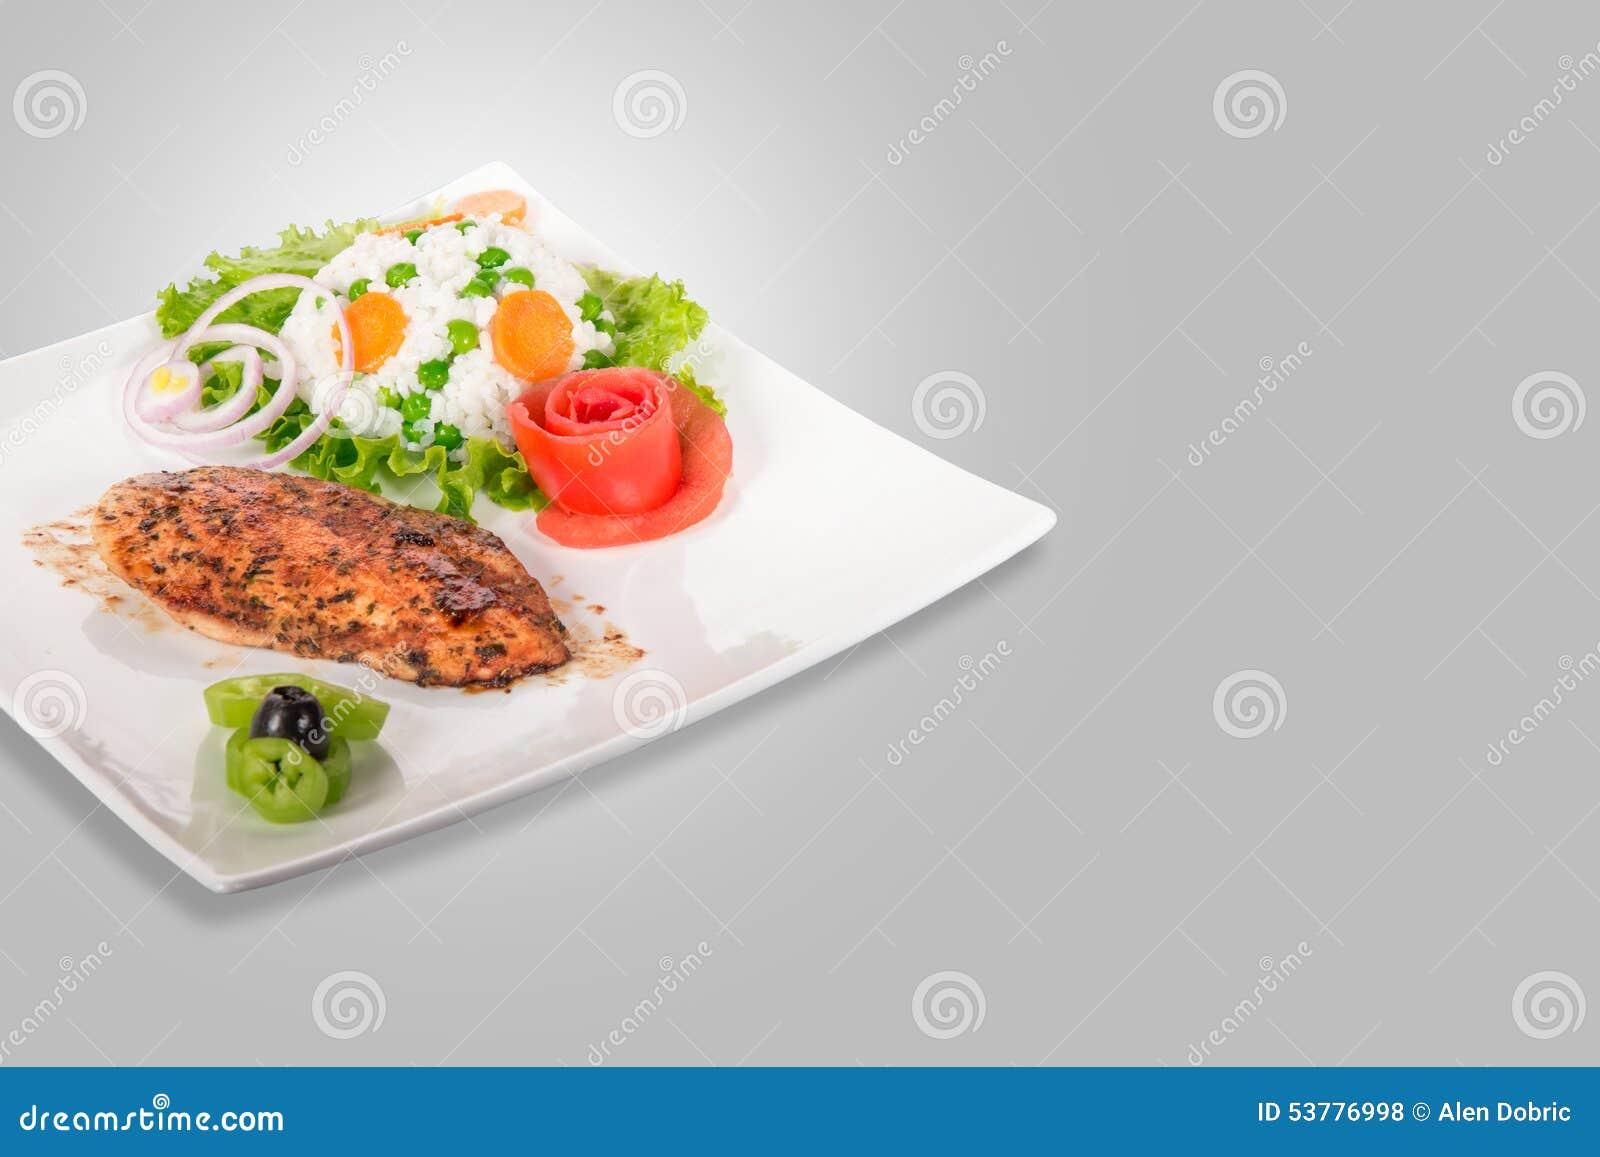 Kurczak polędwicowy na talerzu